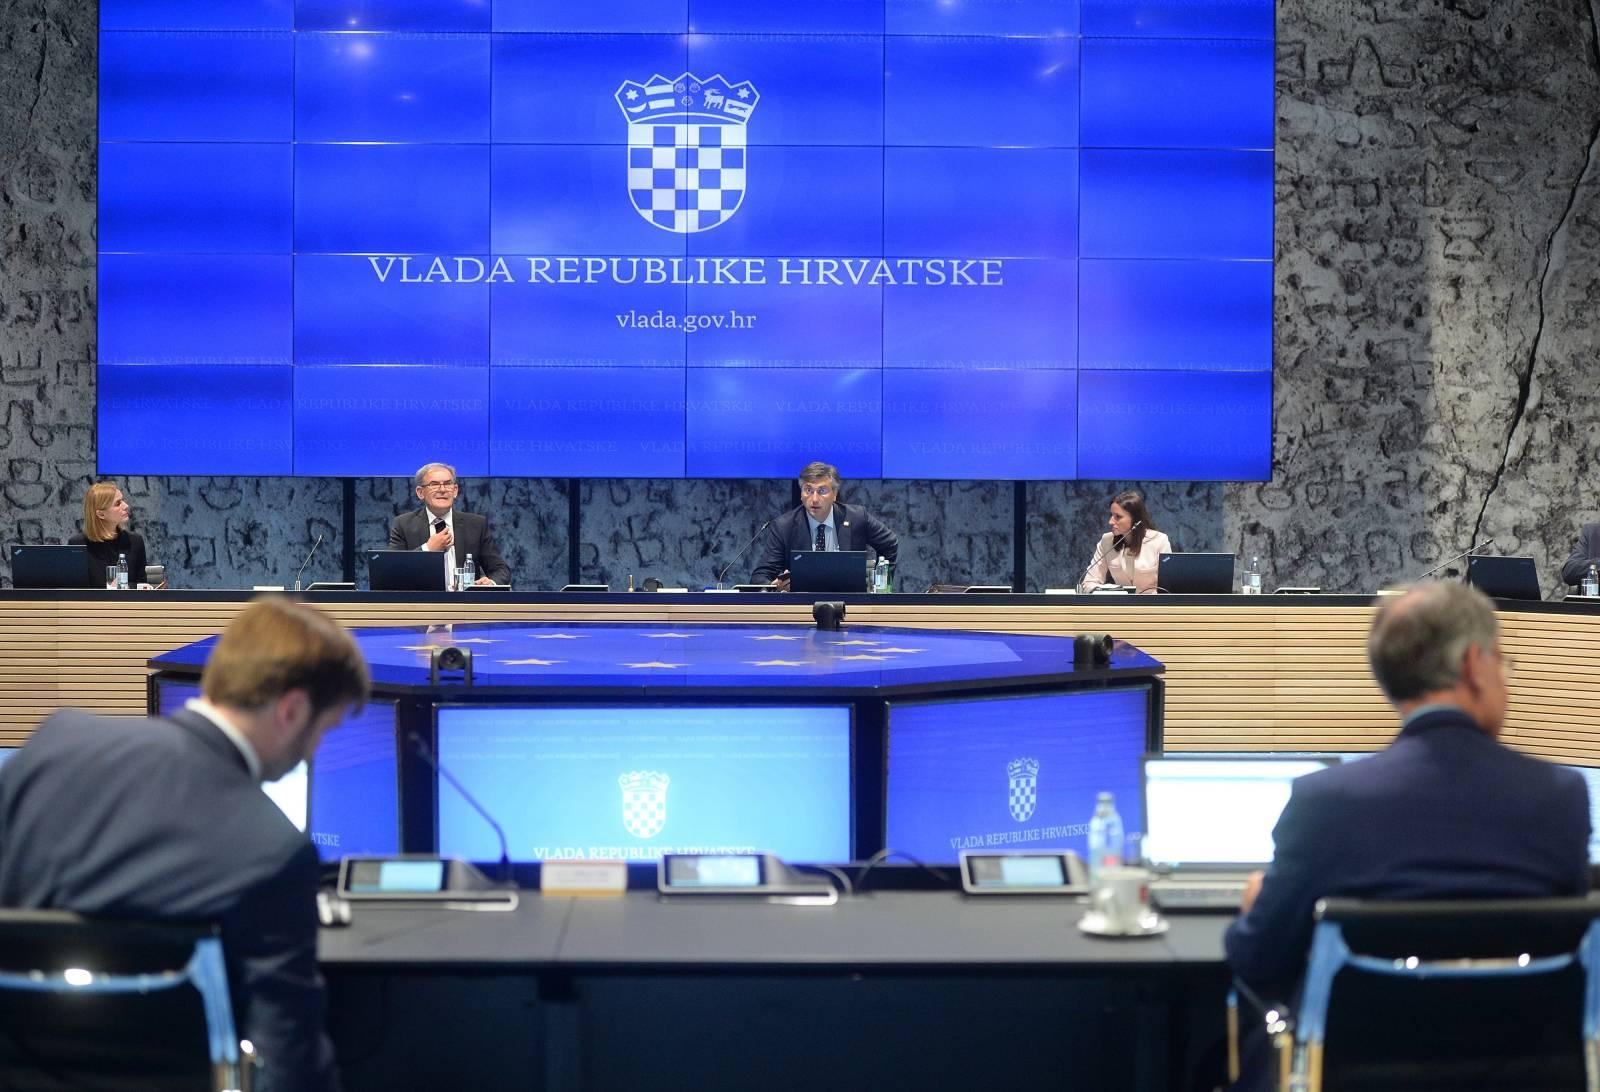 Zagreb: Sjednica Vlade u Nacionalnoj i sveučilišnoj knjižnici.